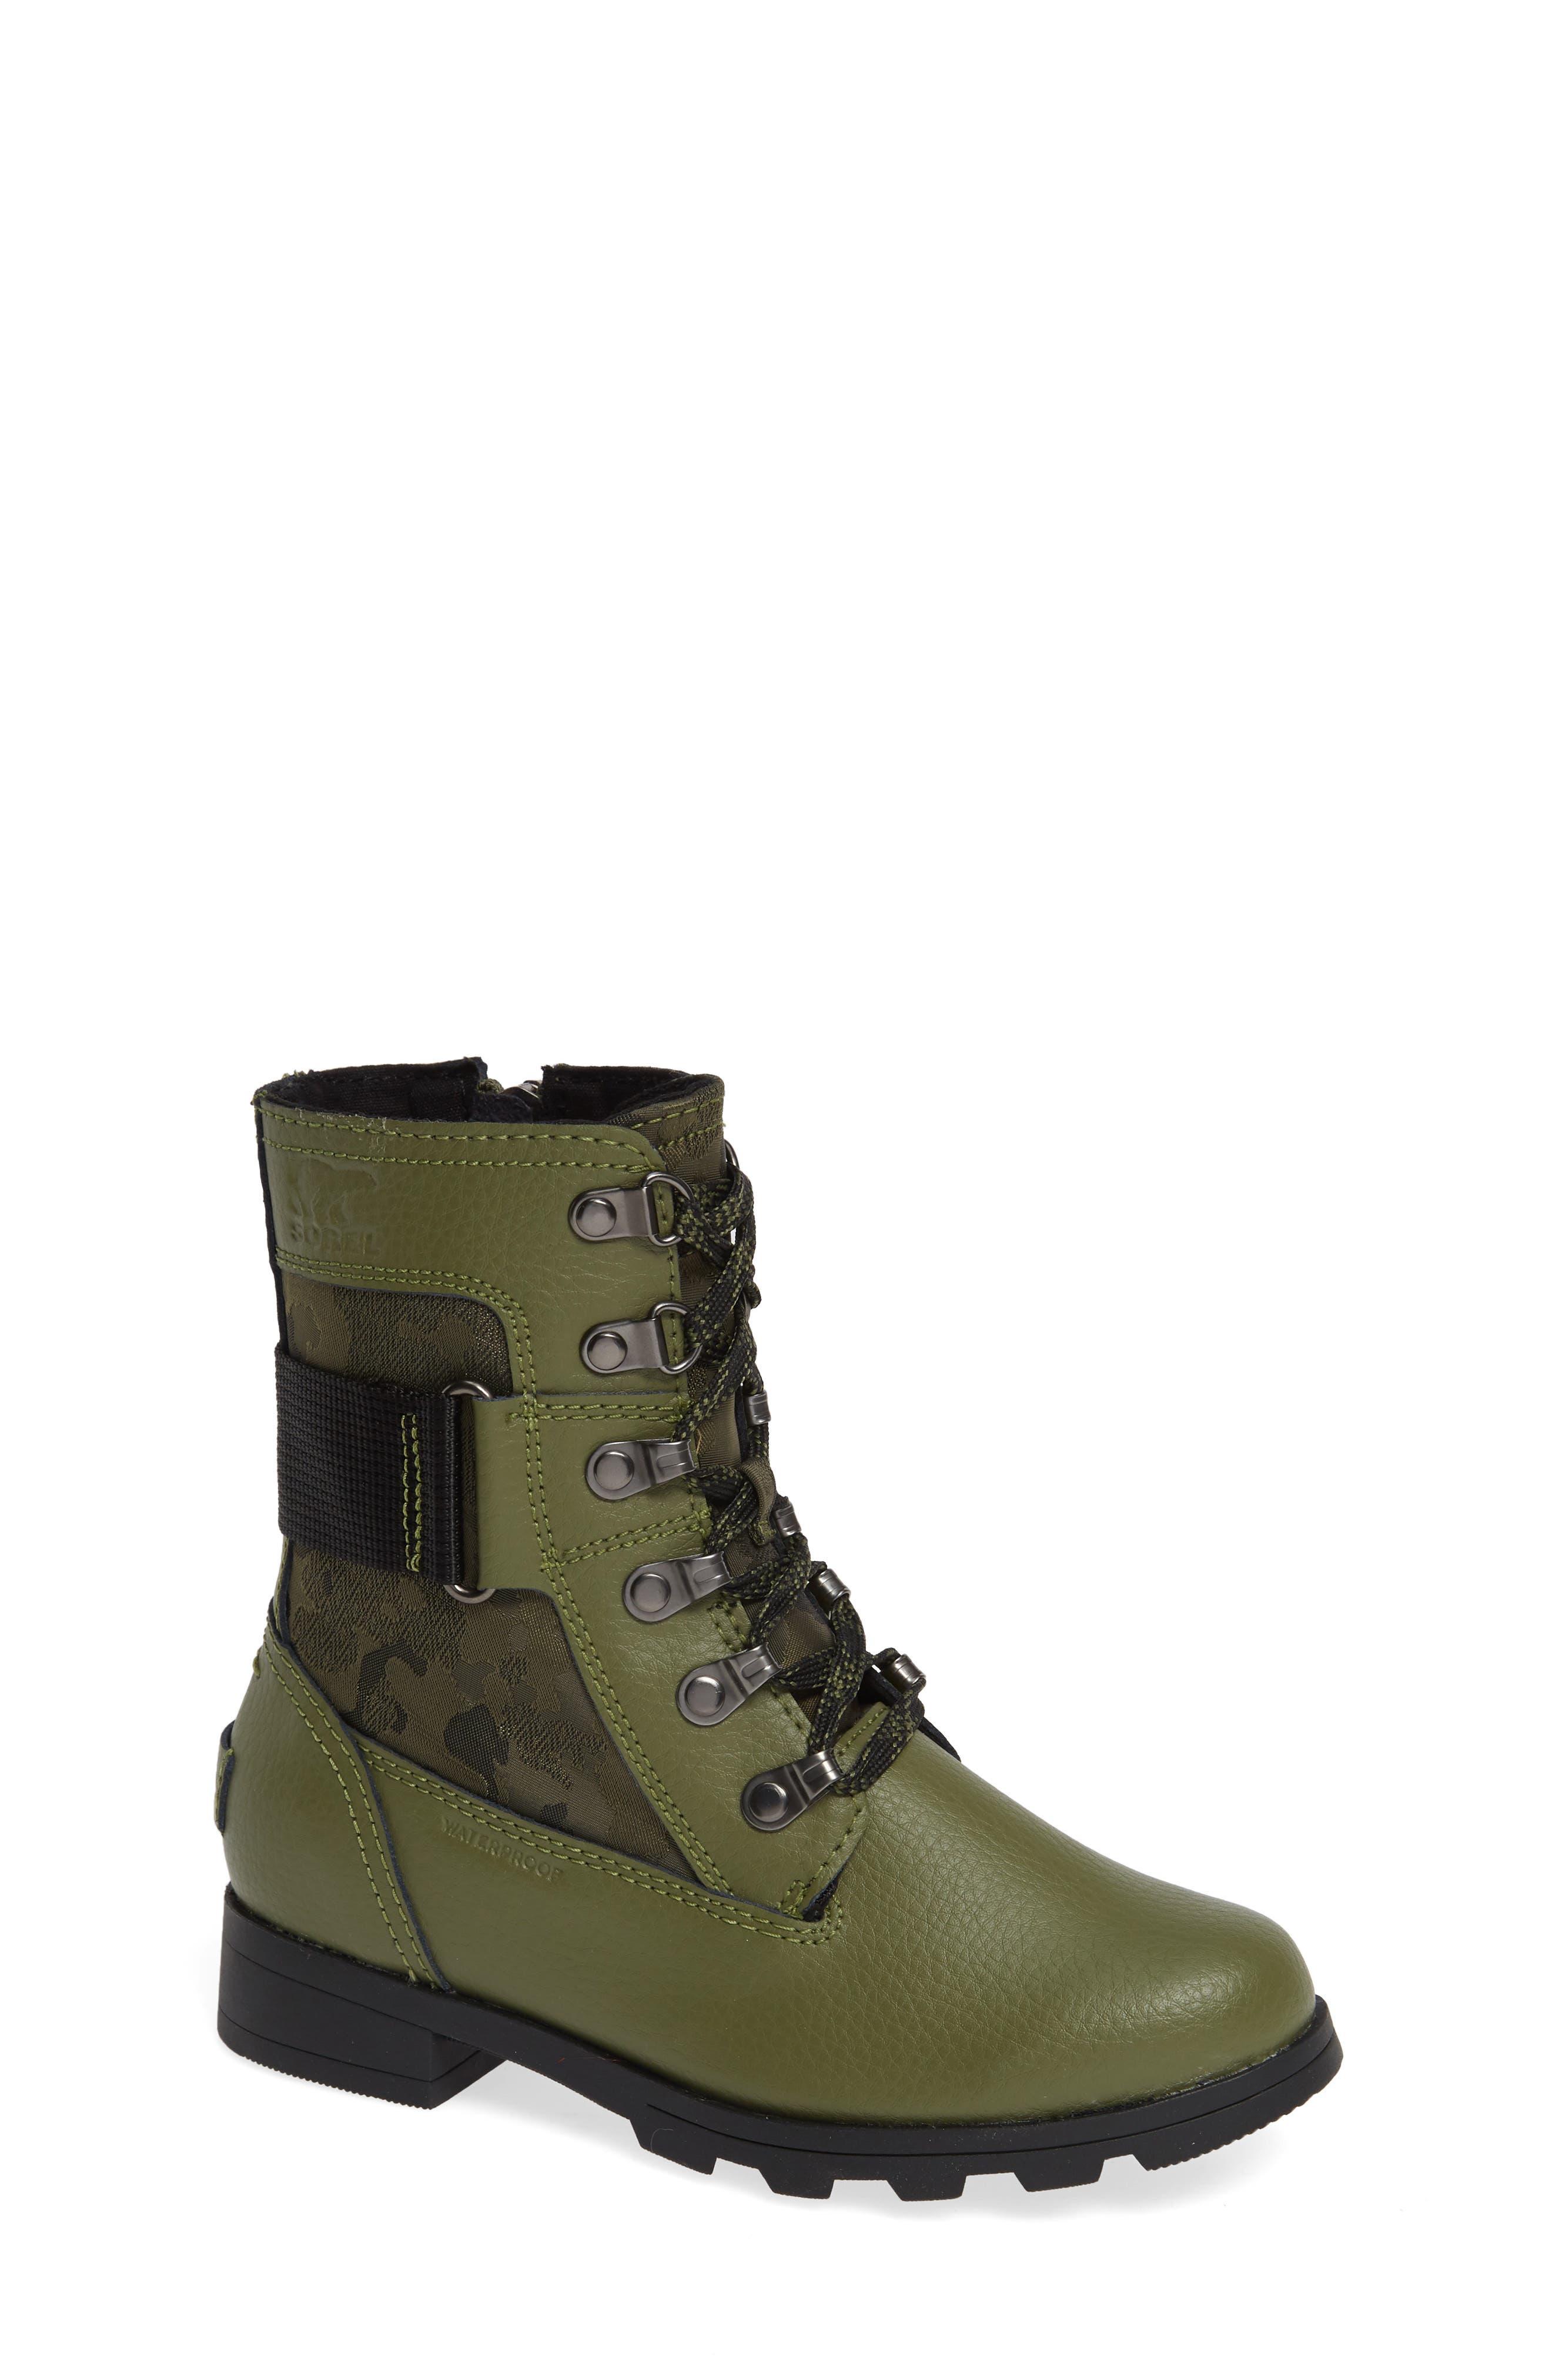 Emelie Waterproof Boot,                         Main,                         color, HIKER GREEN/ BLACK